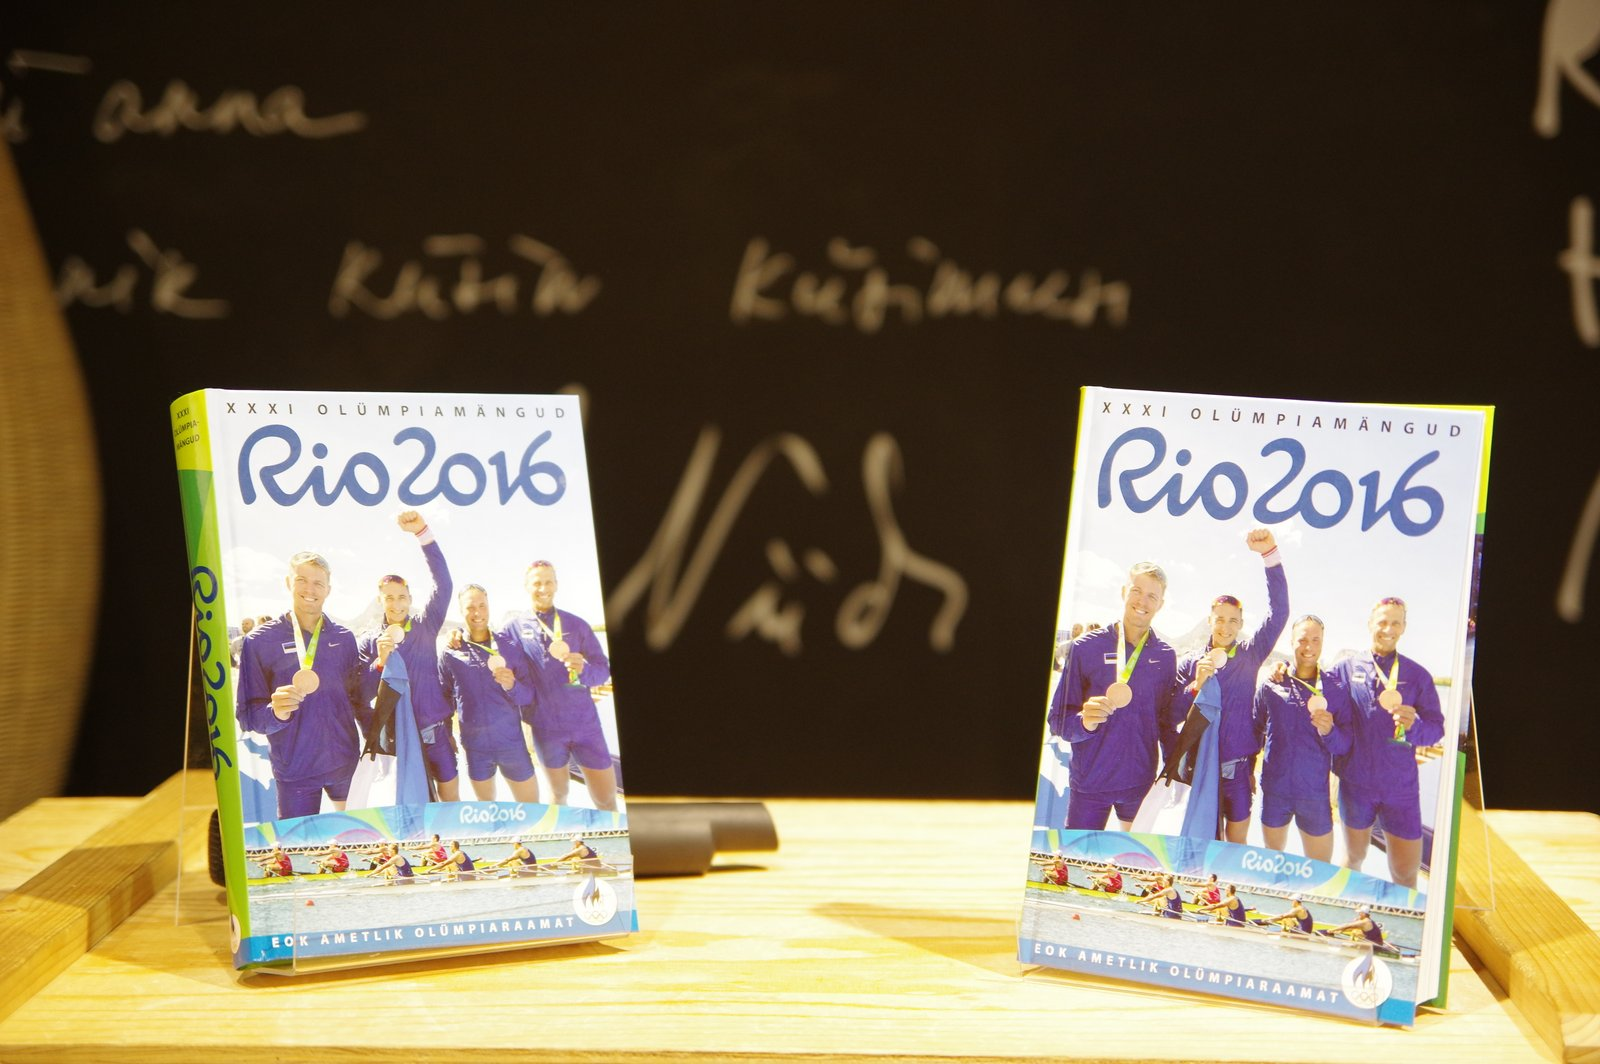 Ilmus Rio olümpiamängudele pühendatud raamat